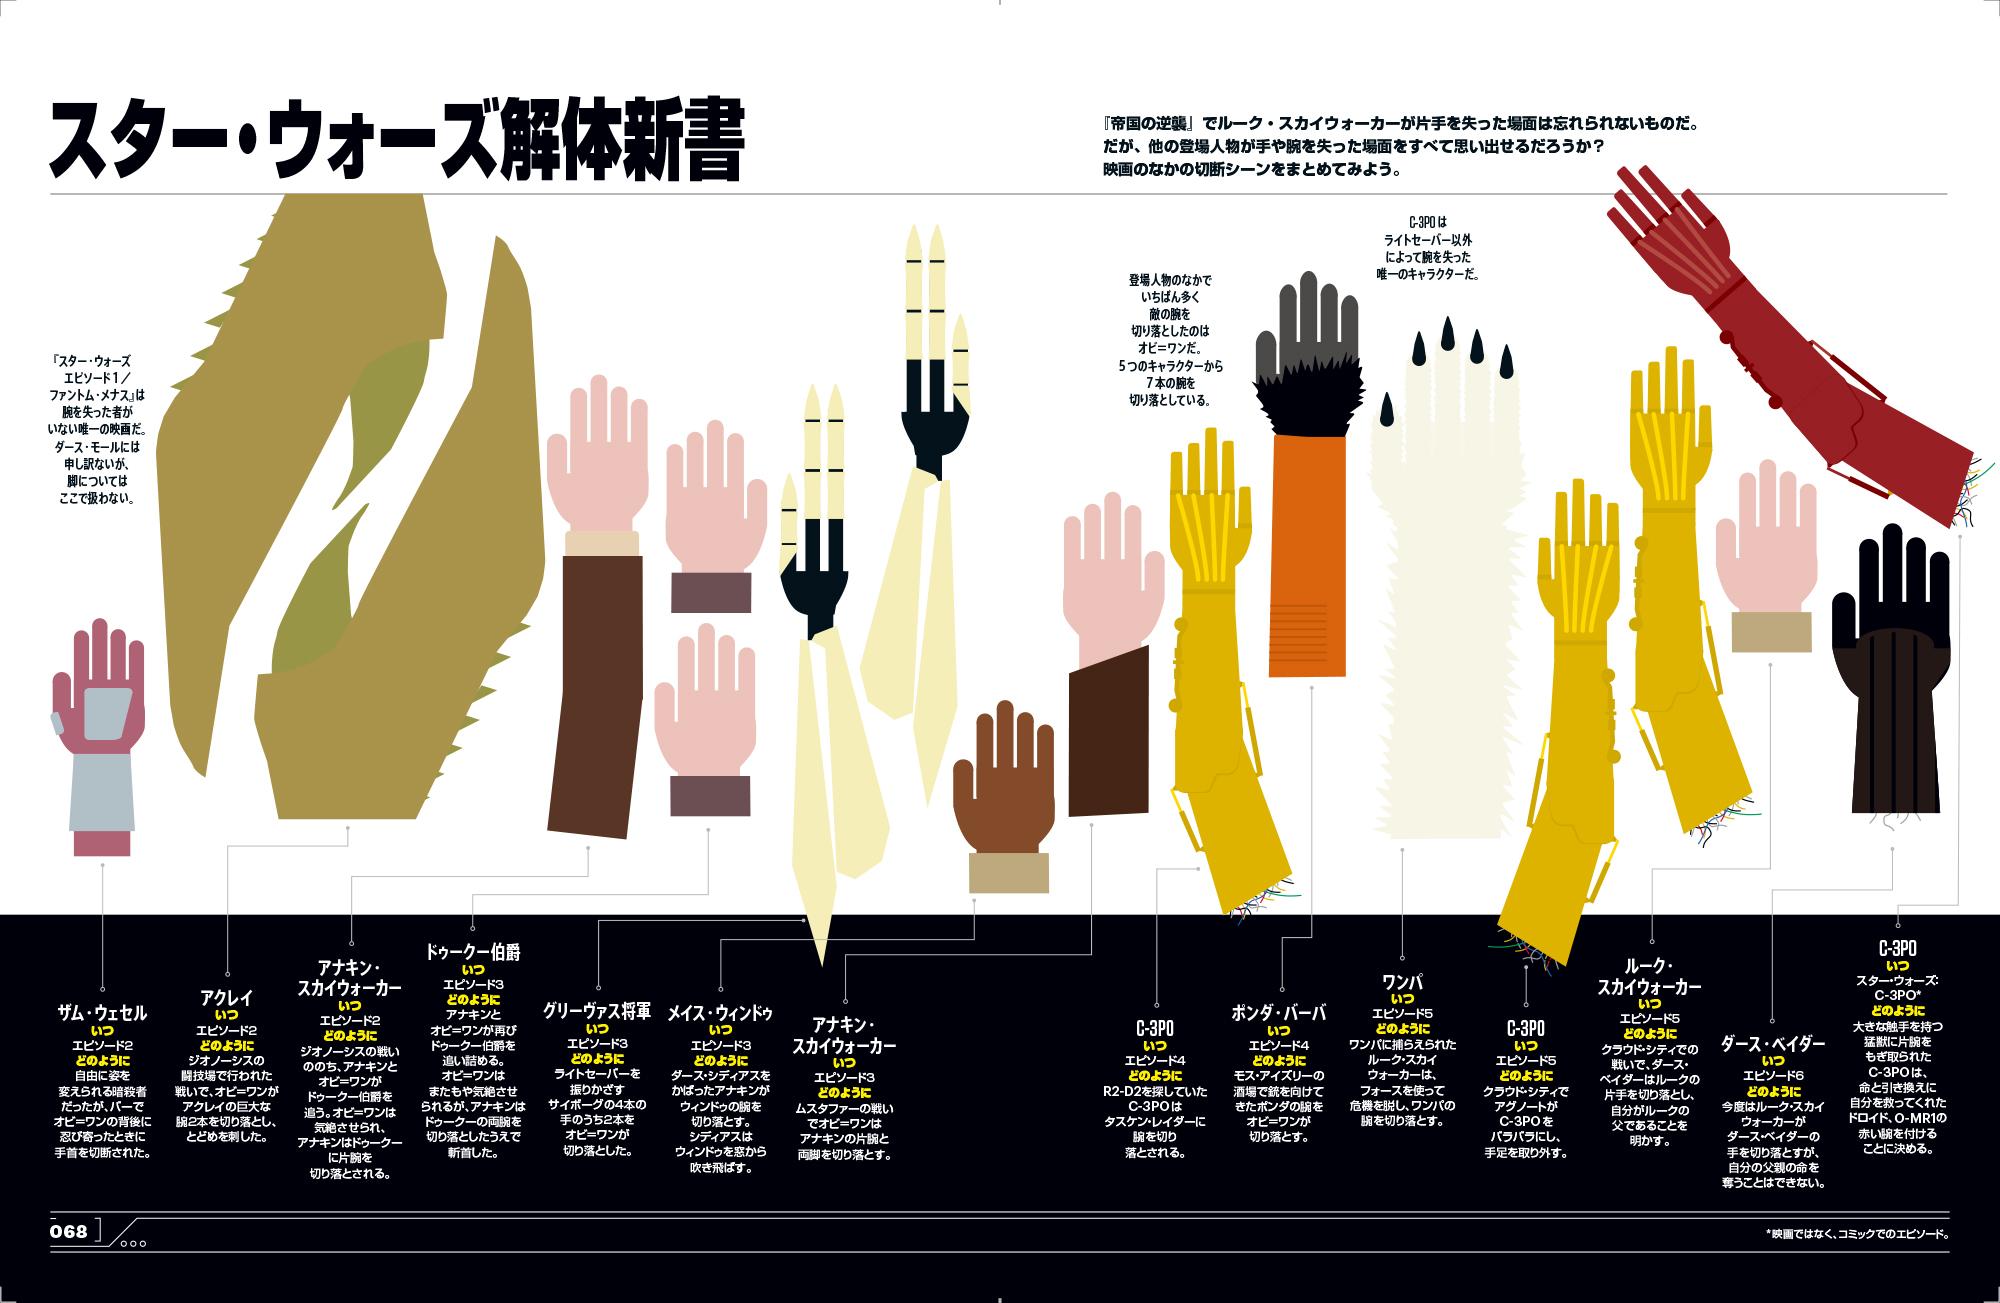 『スター・ウォーズ』で腕を一番多く切断したのは誰? マニアックなインフォグラフィックを満載した公式本発売